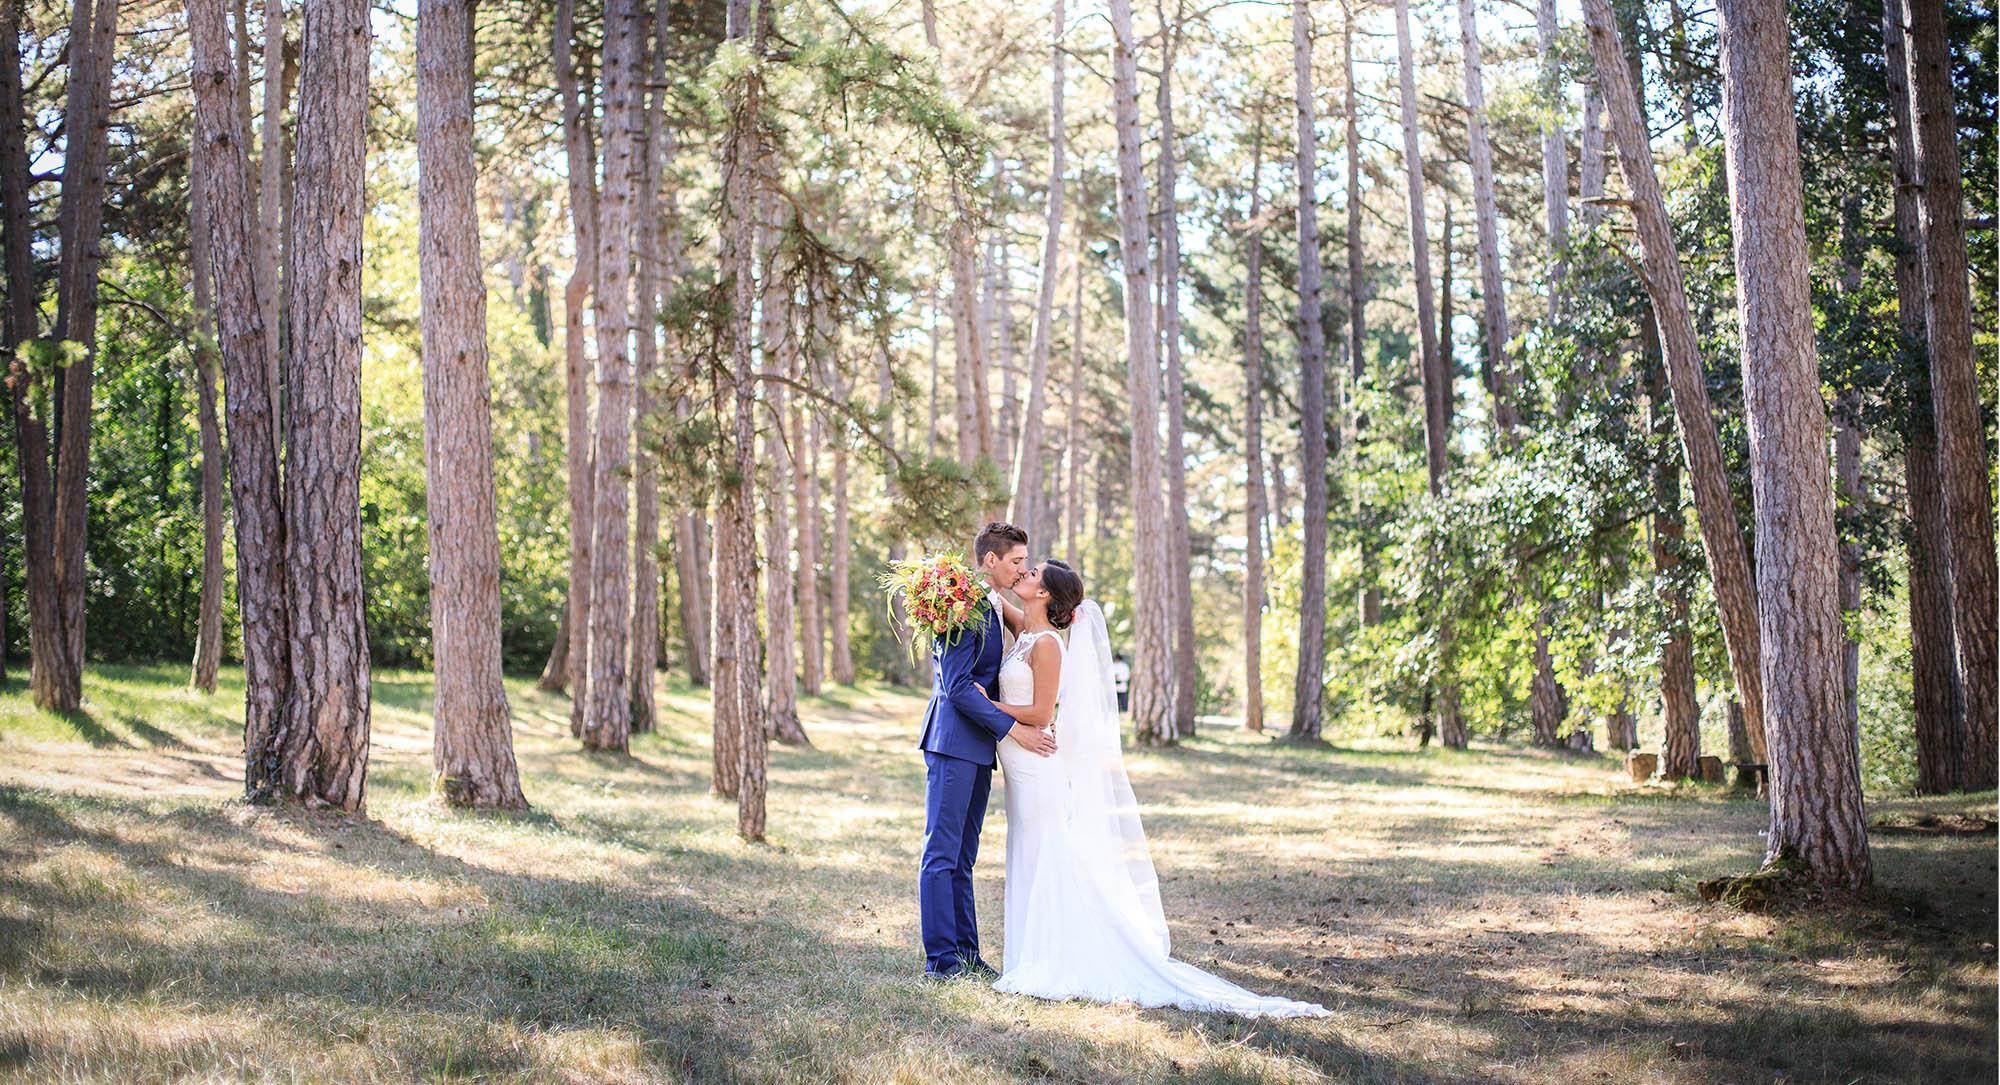 photographe beaujolais mariage villefranche sur saône